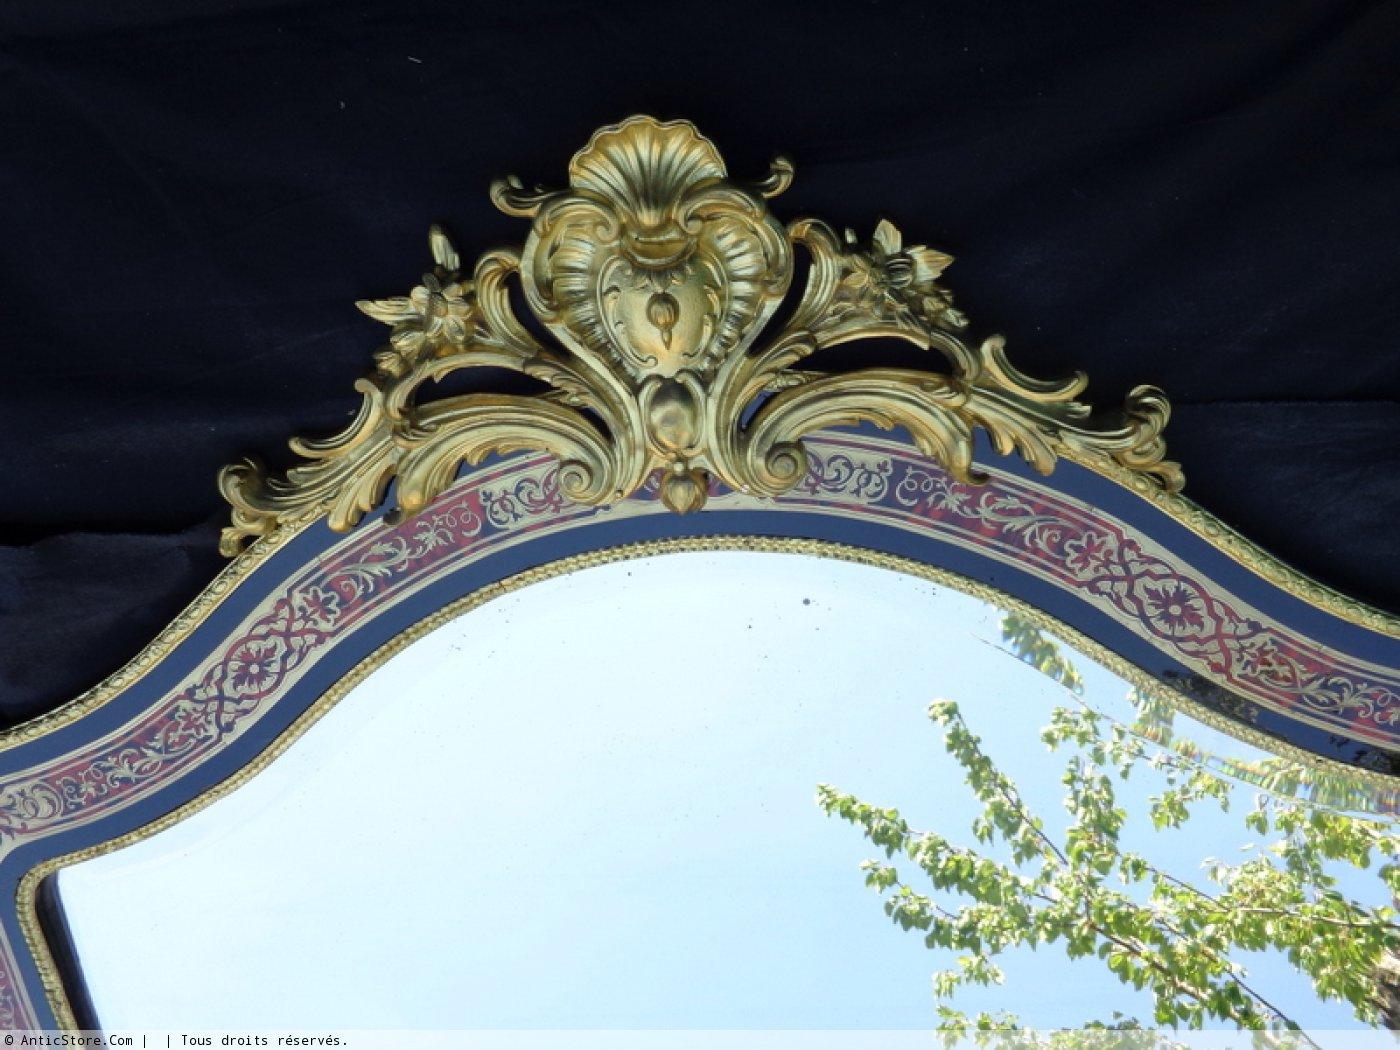 Paire de miroirs avec consoles murales d 39 une hauteur de 2 for Miroir 2 metre